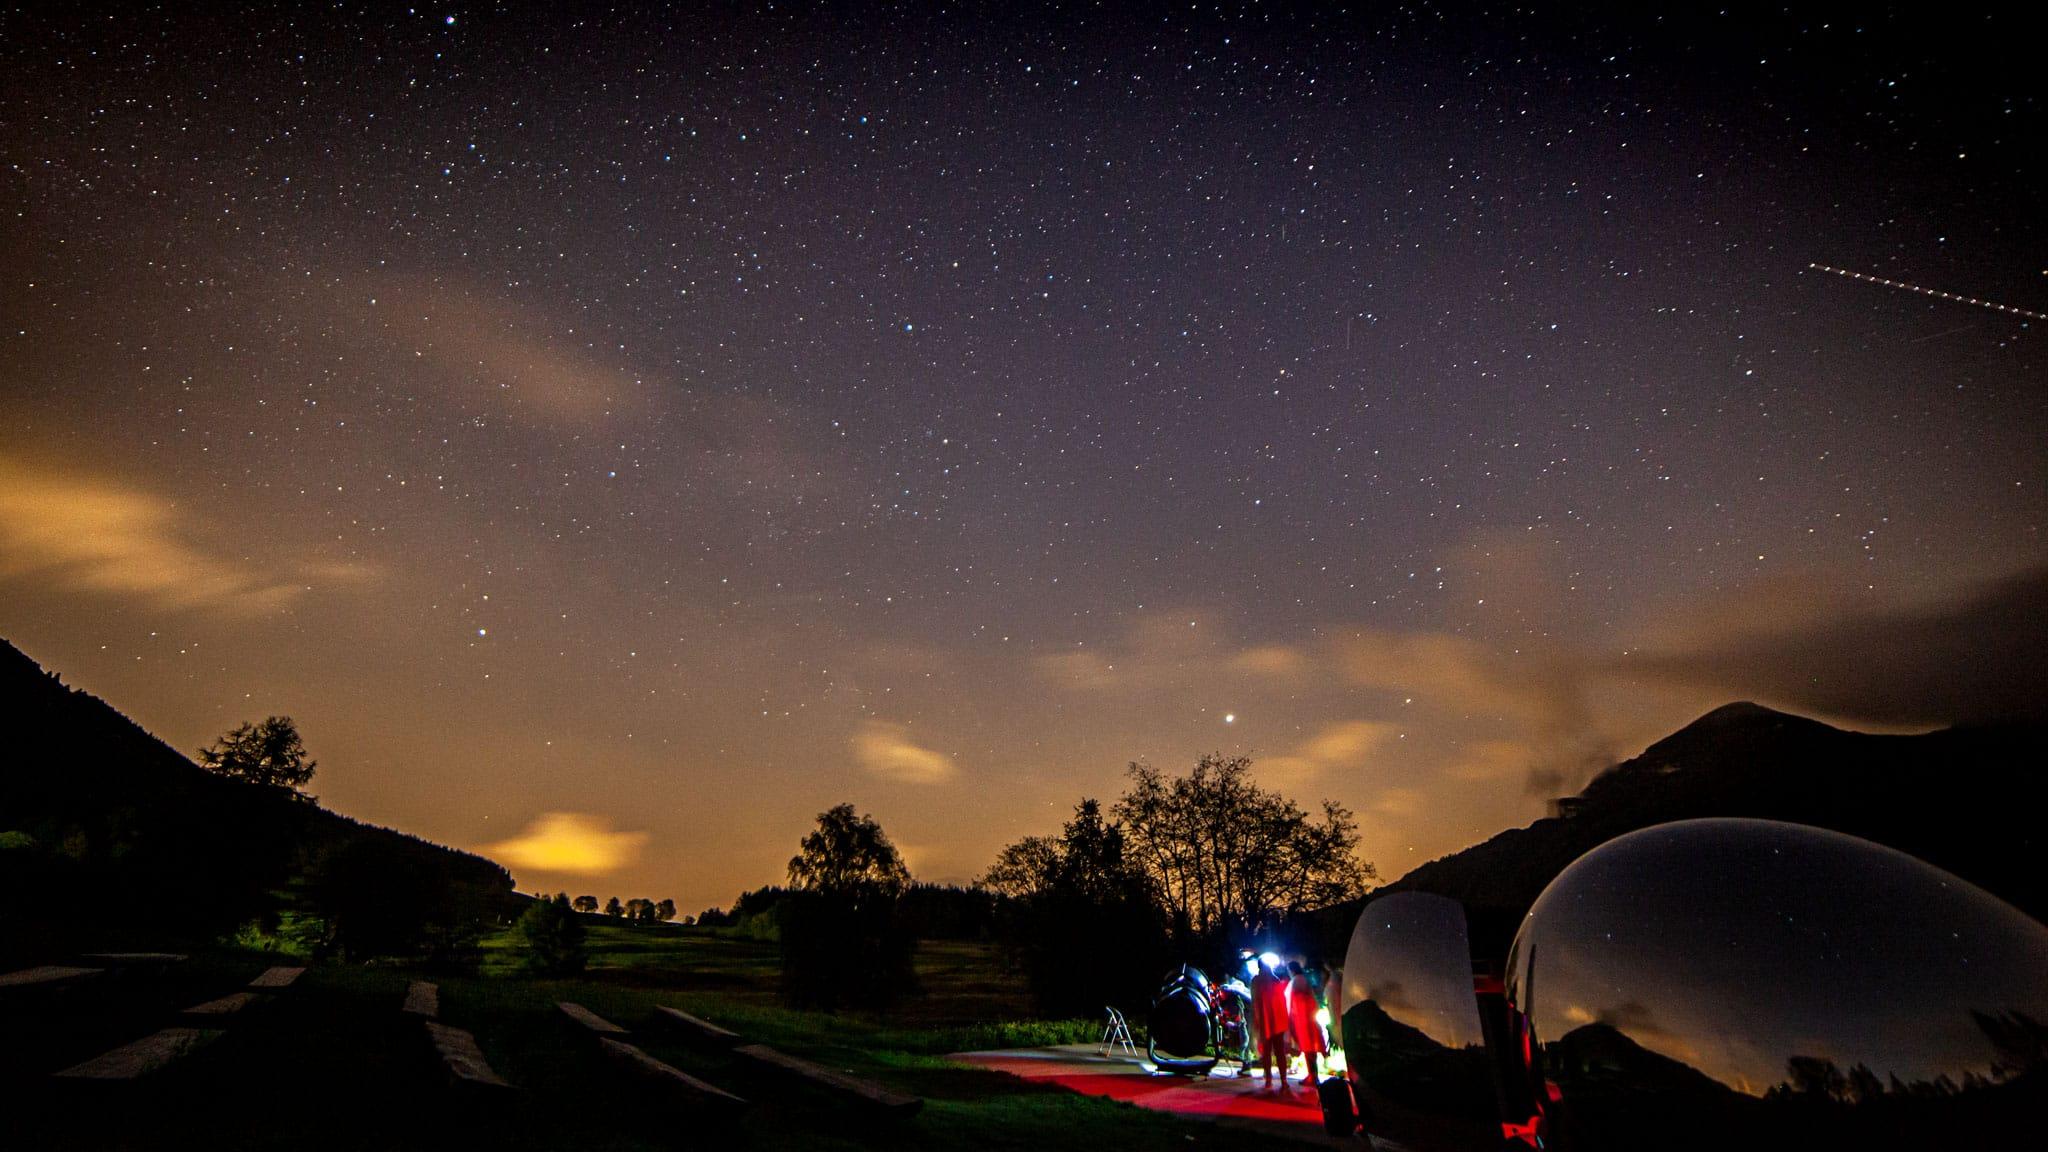 Star gazing in Trentino